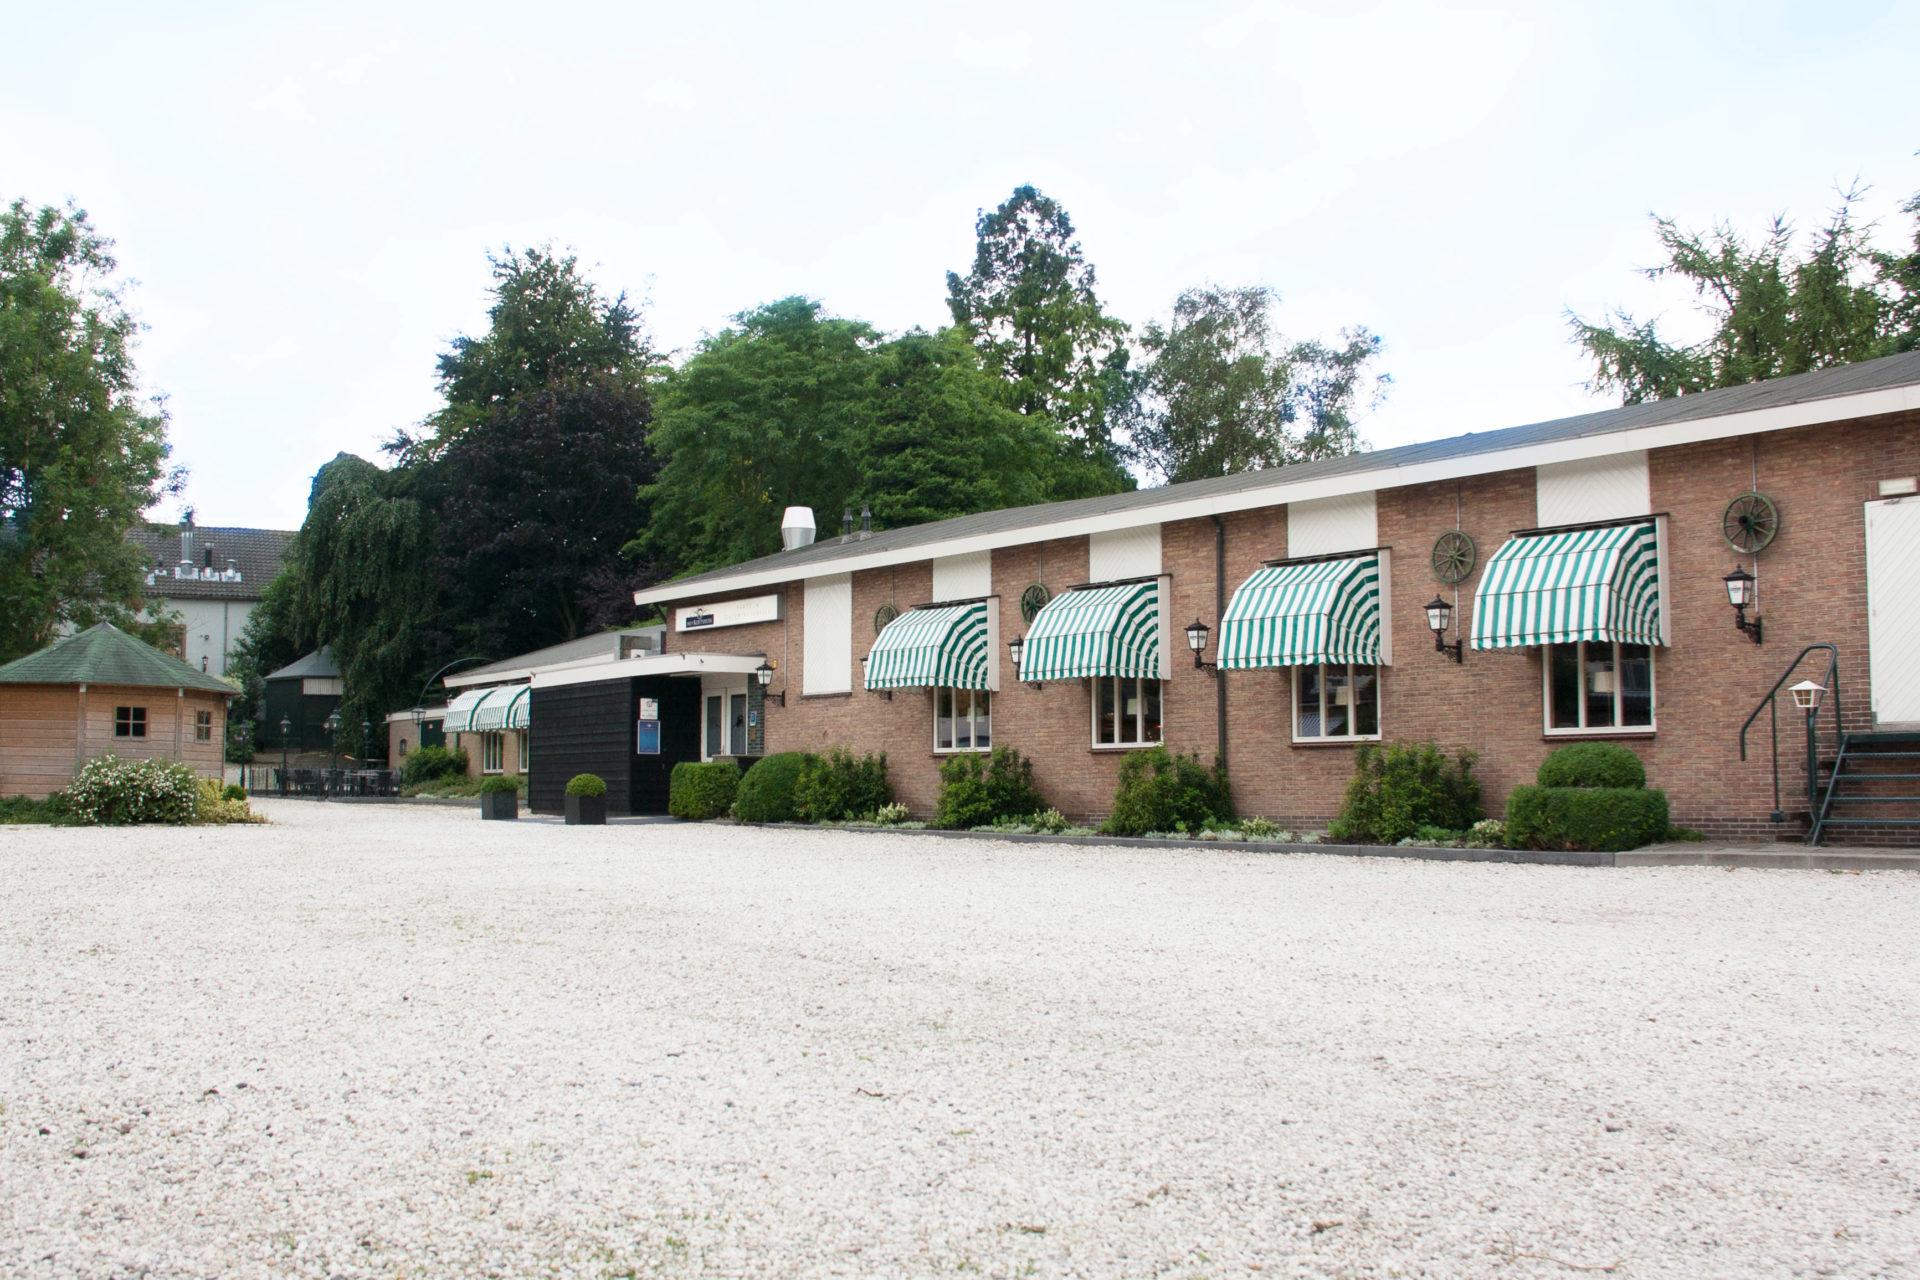 Koetshuis Buitenkant 3